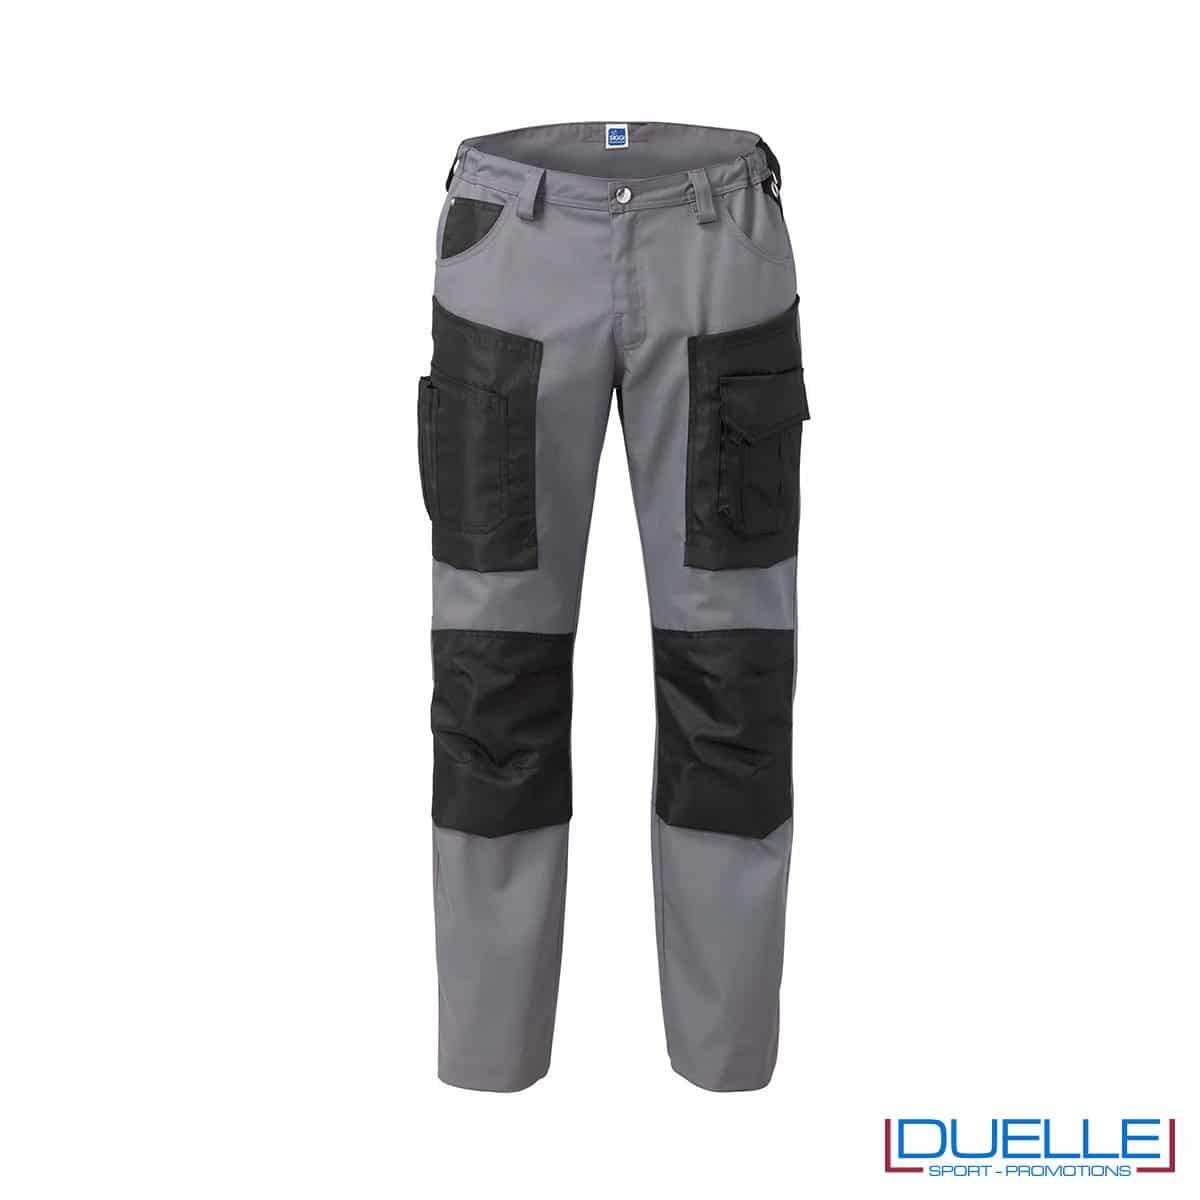 Pantalone hammer siggi personalizzato in colore grigio